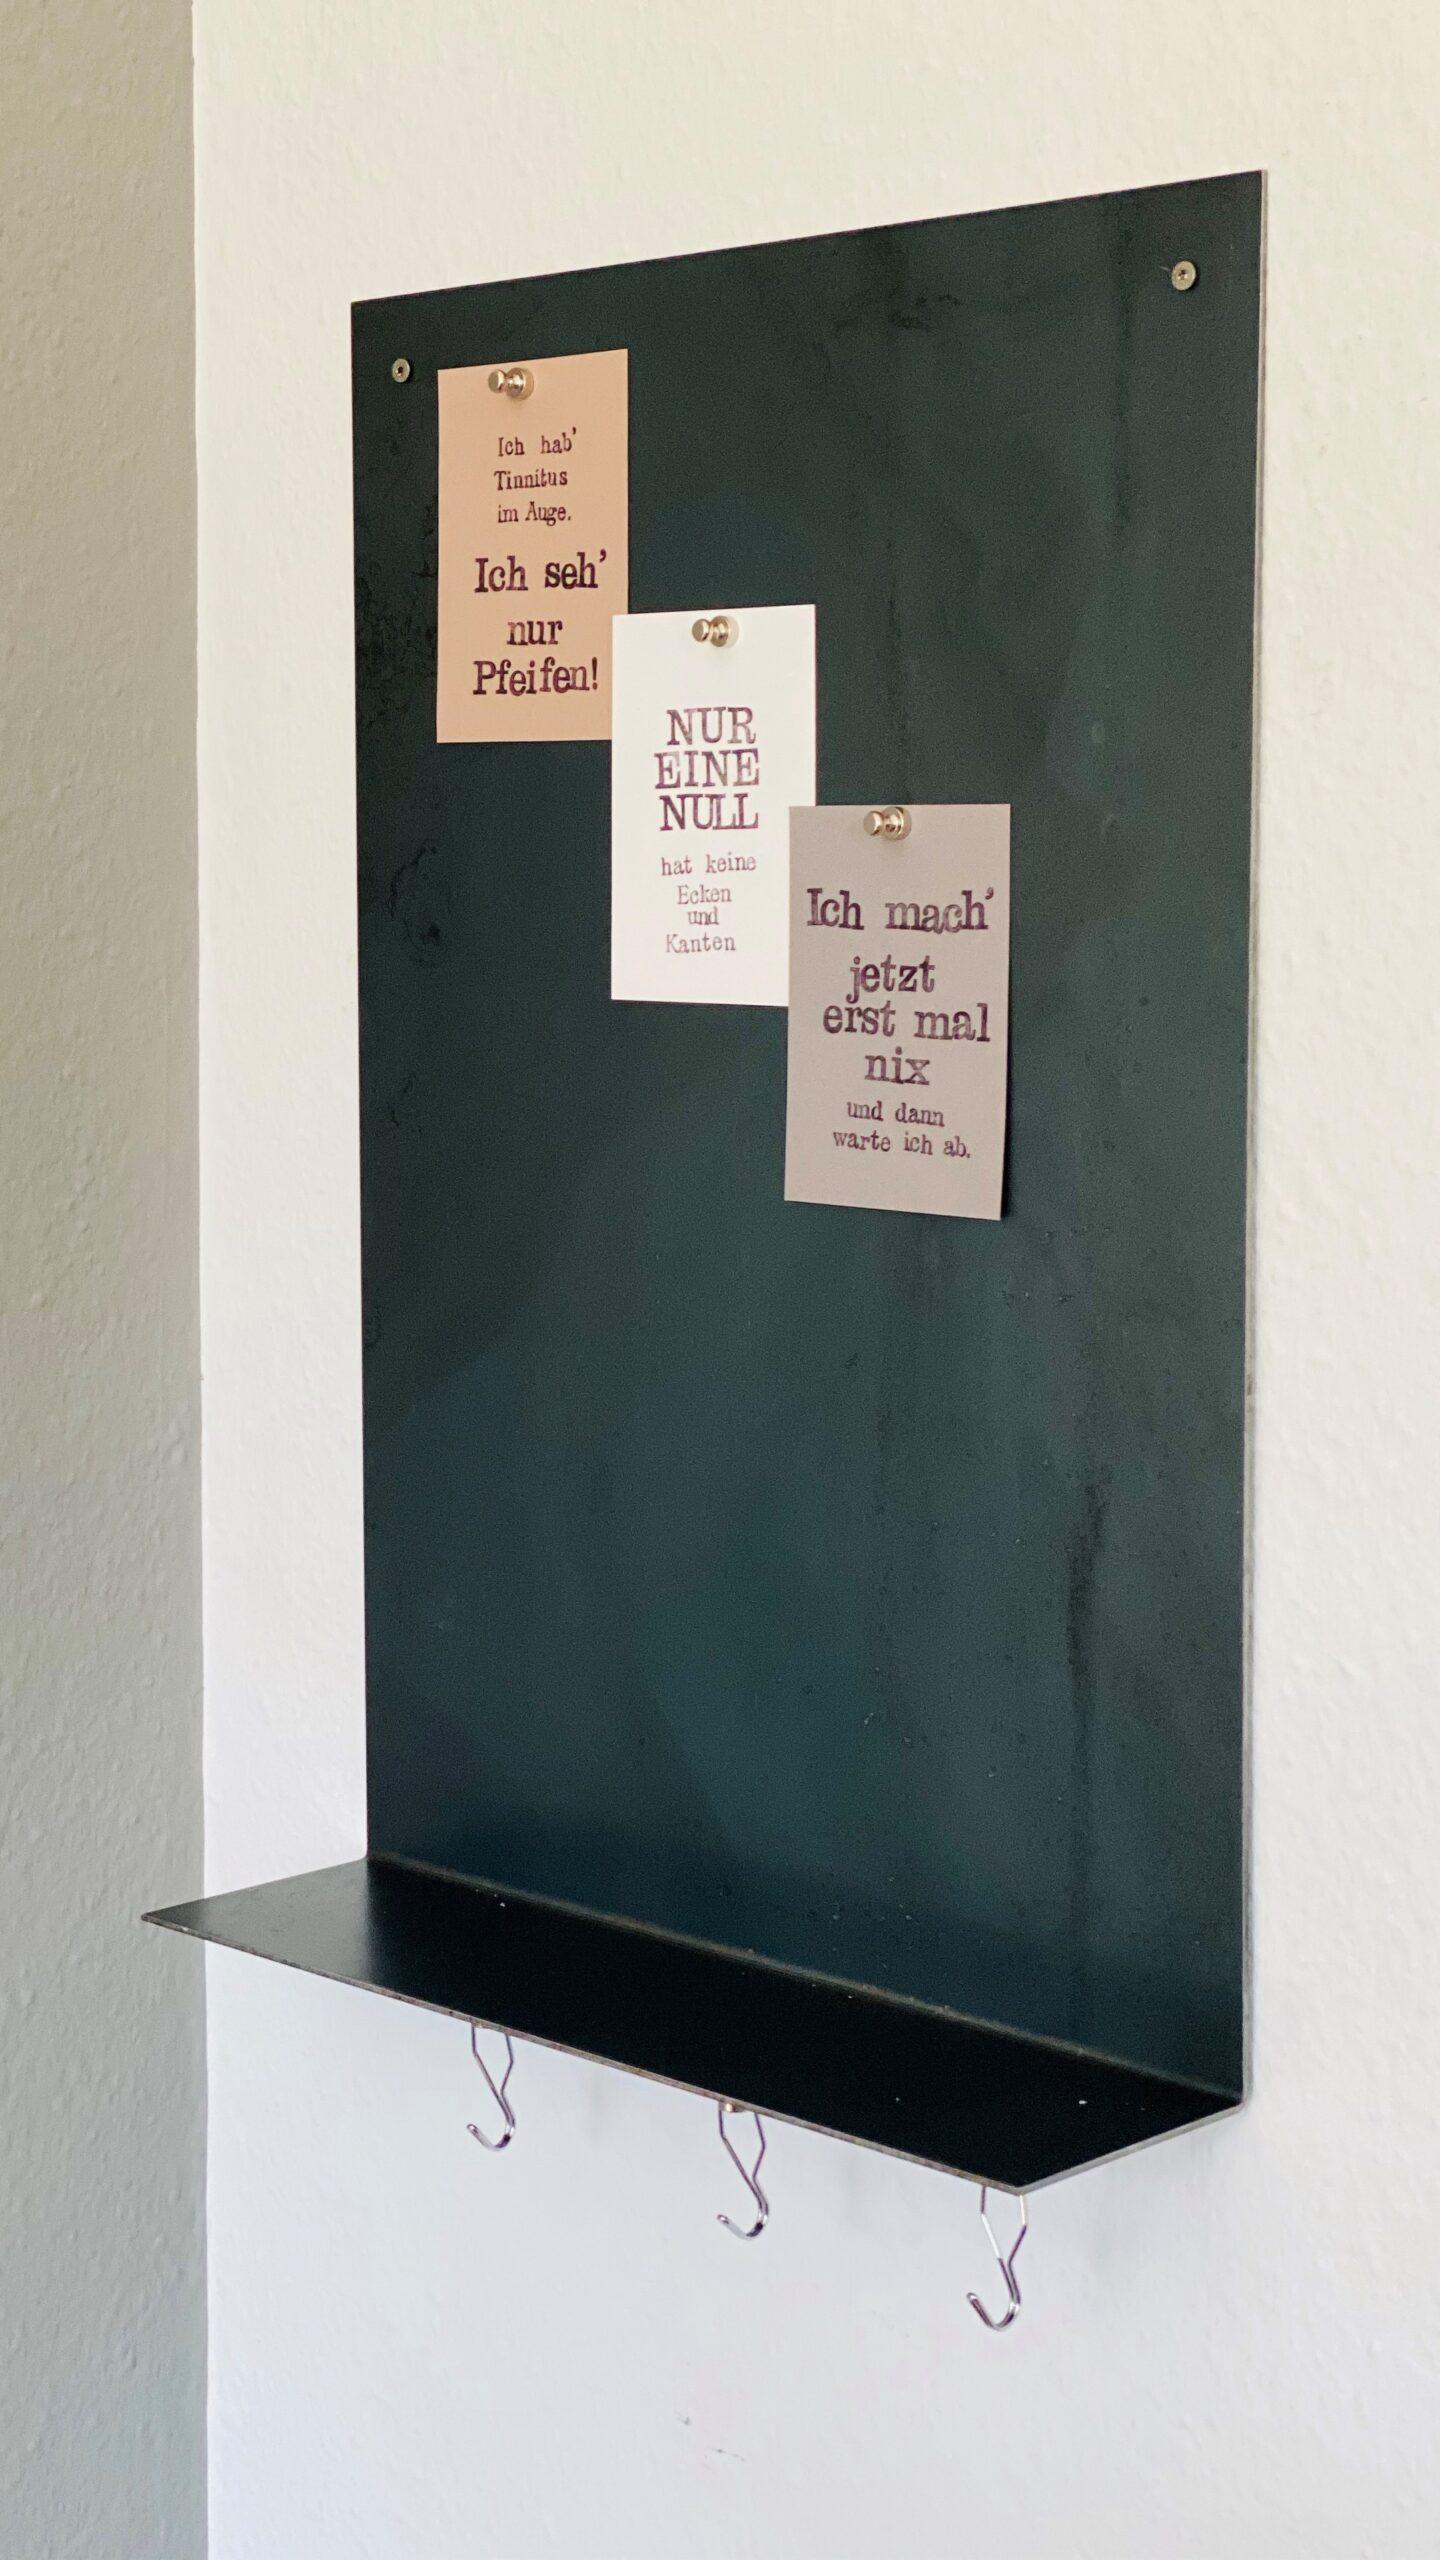 Full Size of Memoboard Küche Magnetisches Einbau Mülleimer Teppich Einbauküche Selber Bauen Jalousieschrank Modulküche Ikea Betonoptik Sitzbank Bartisch Mit Lehne Wohnzimmer Memoboard Küche